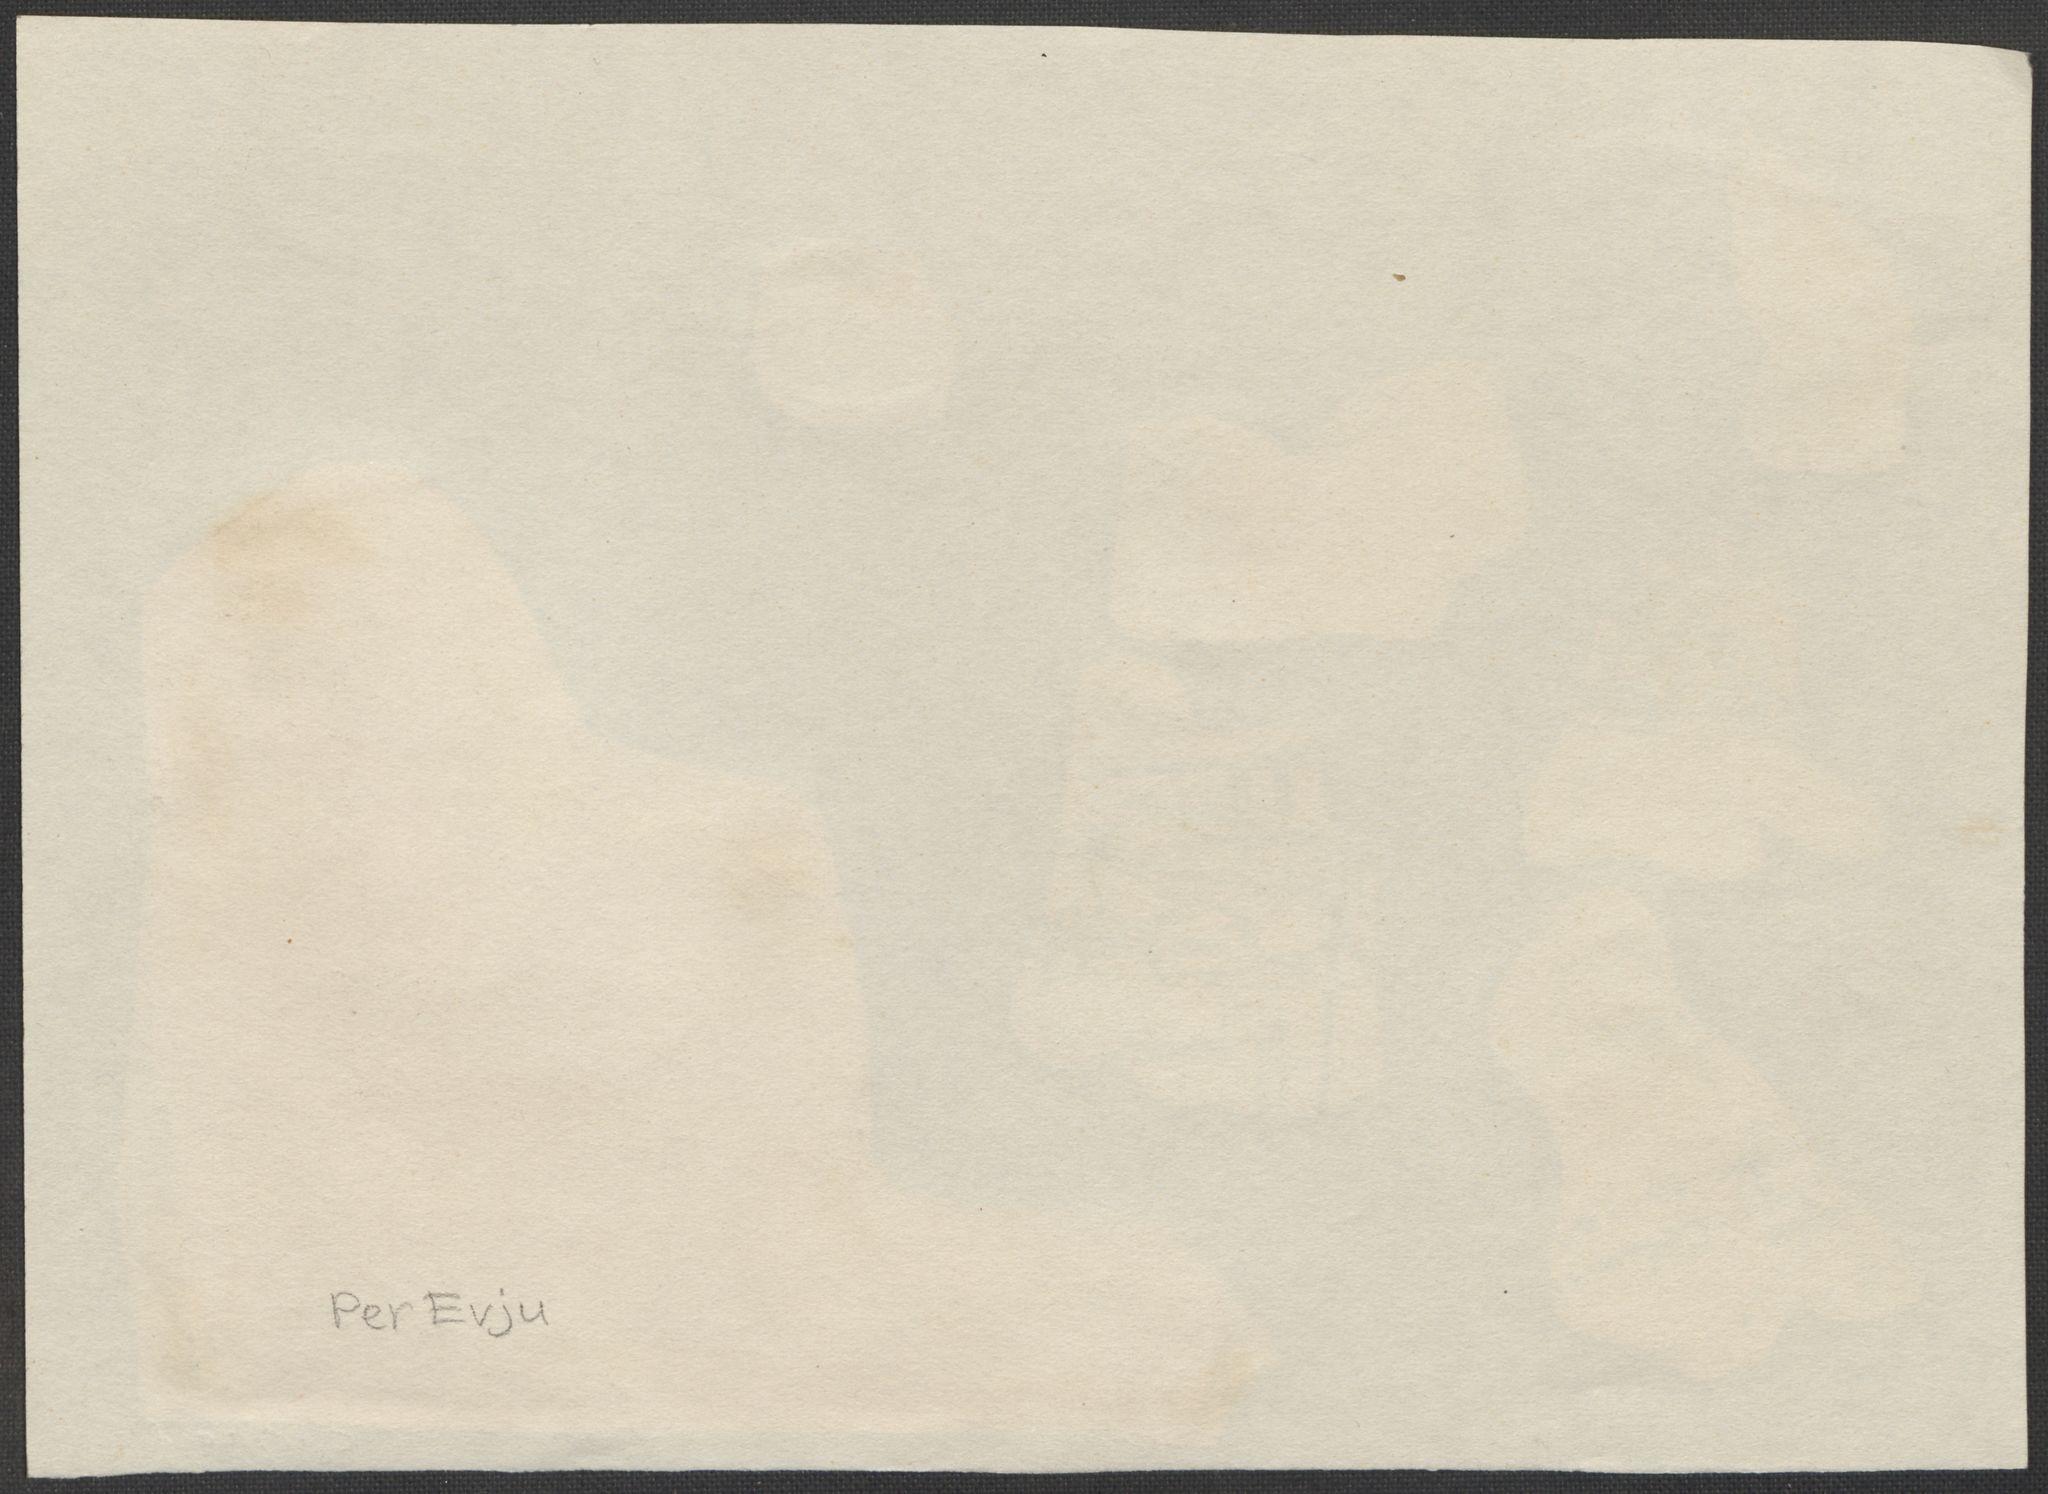 RA, Grøgaard, Joachim, F/L0002: Tegninger og tekster, 1942-1945, p. 29